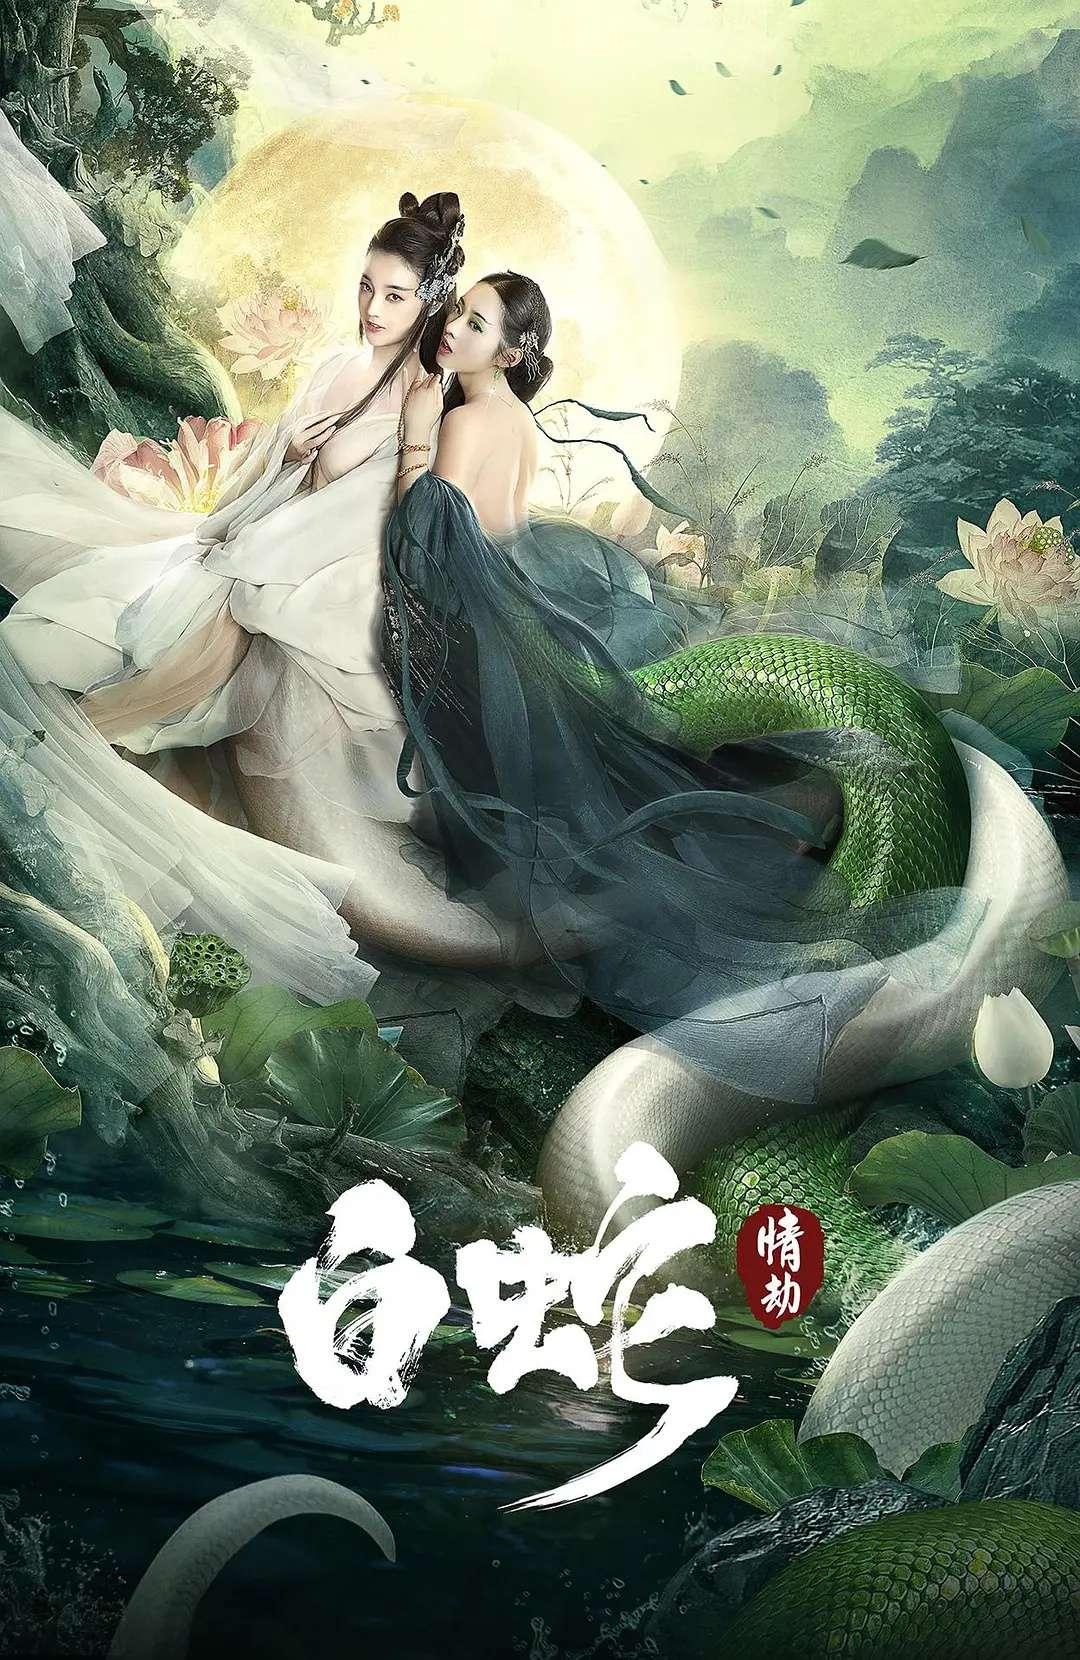 『电影推荐』-白蛇:情劫